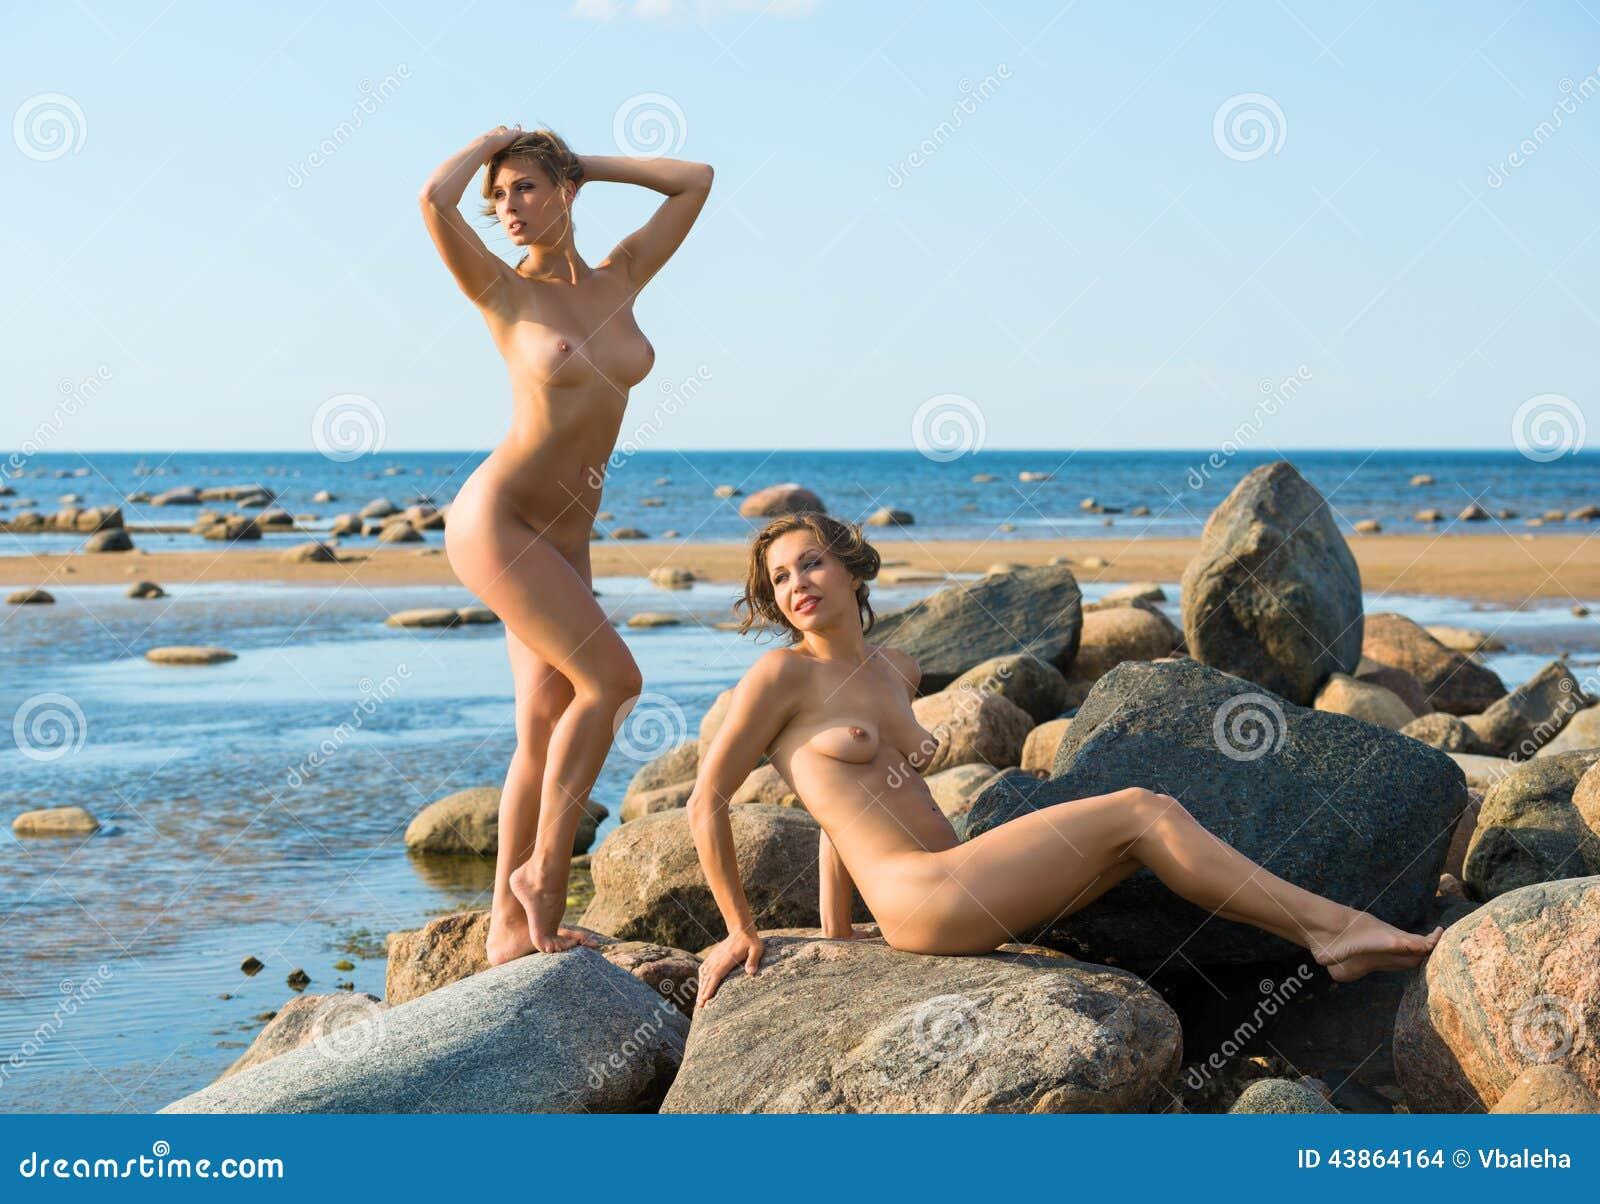 nude beach Beautiful women